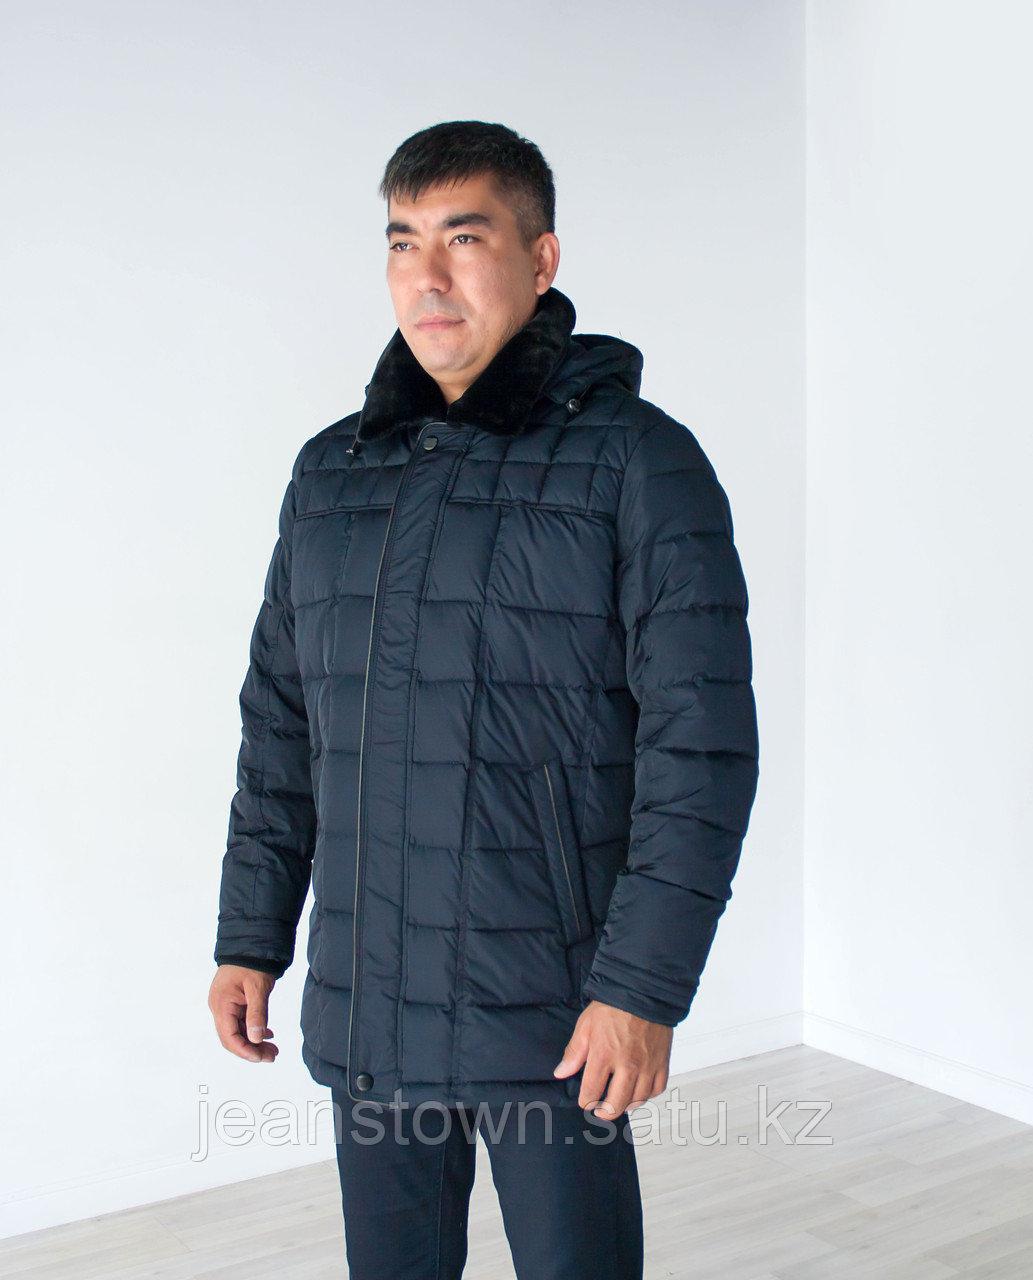 Куртка мужская зимняя City Class длинная,синяя